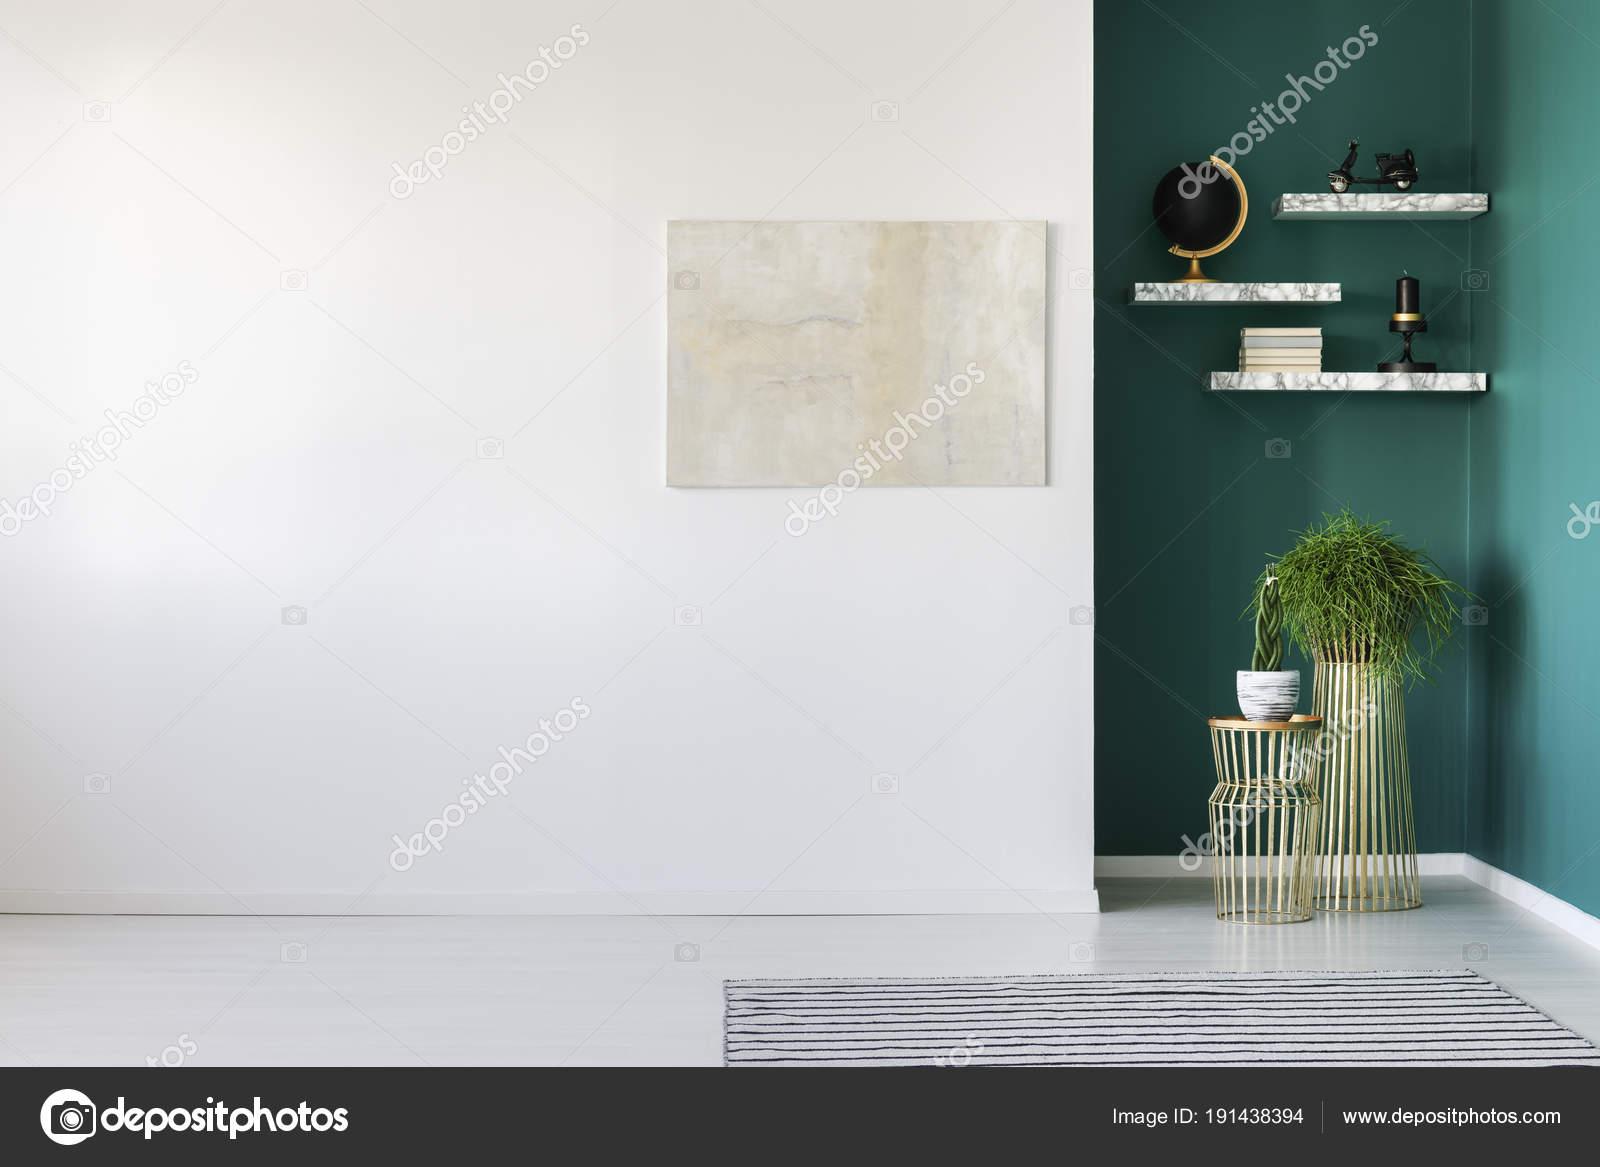 https://st3.depositphotos.com/2249091/19143/i/1600/depositphotos_191438394-stockafbeelding-lichte-schilderij-in-woonkamer.jpg